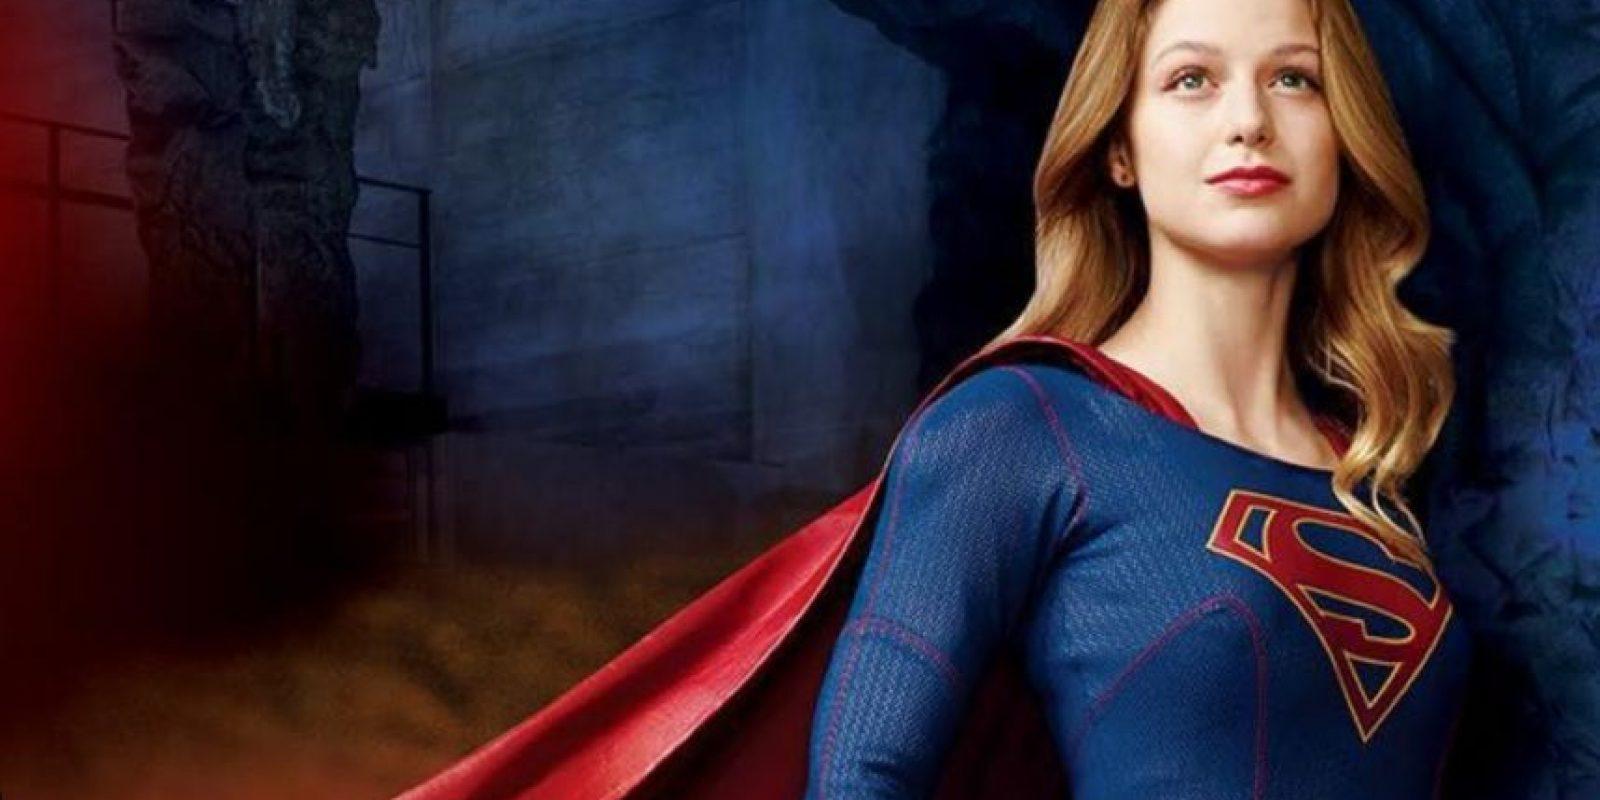 La seria se estrena el próximo 26 de octubre. Foto:Vía CBS